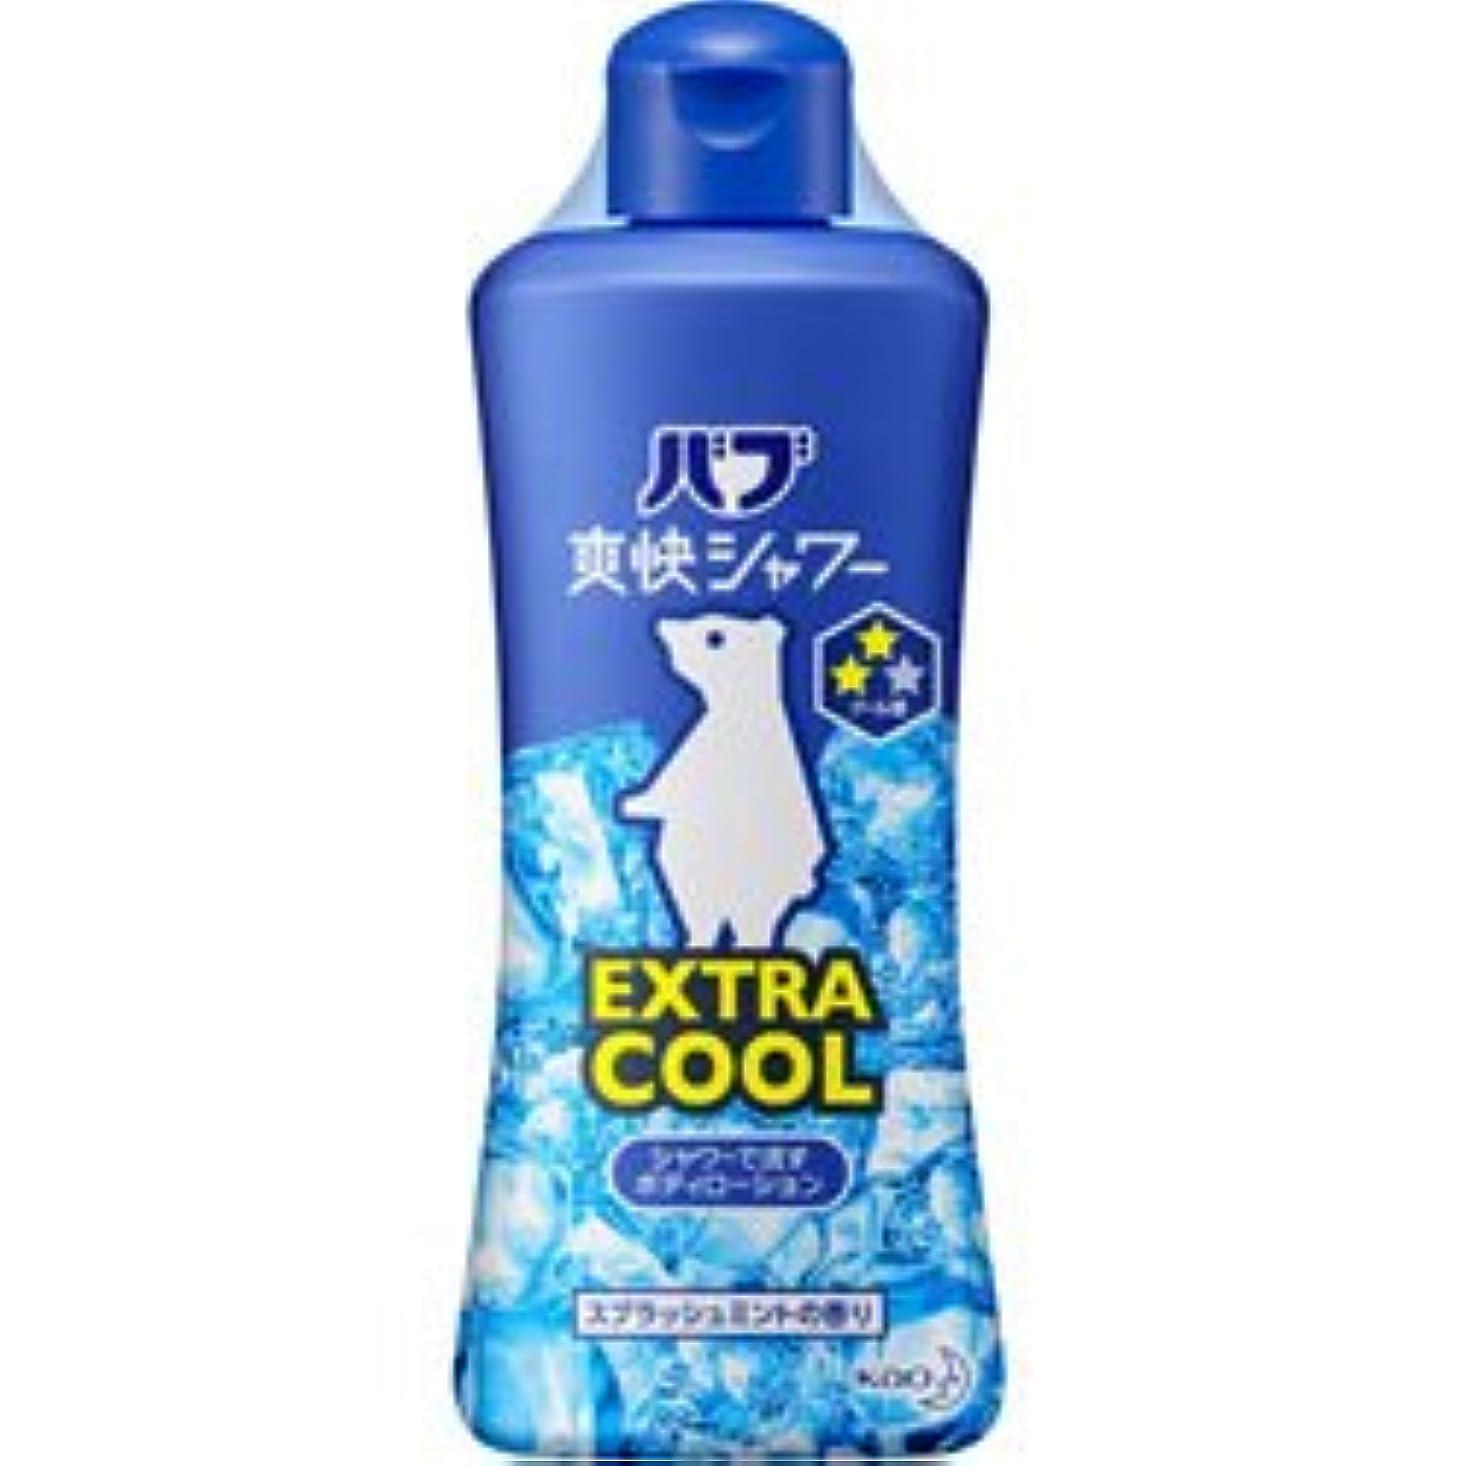 下優先権ポルノ【花王】バブ爽快シャワー エクストラクール スプラッシュミントの香り 250ml ×10個セット